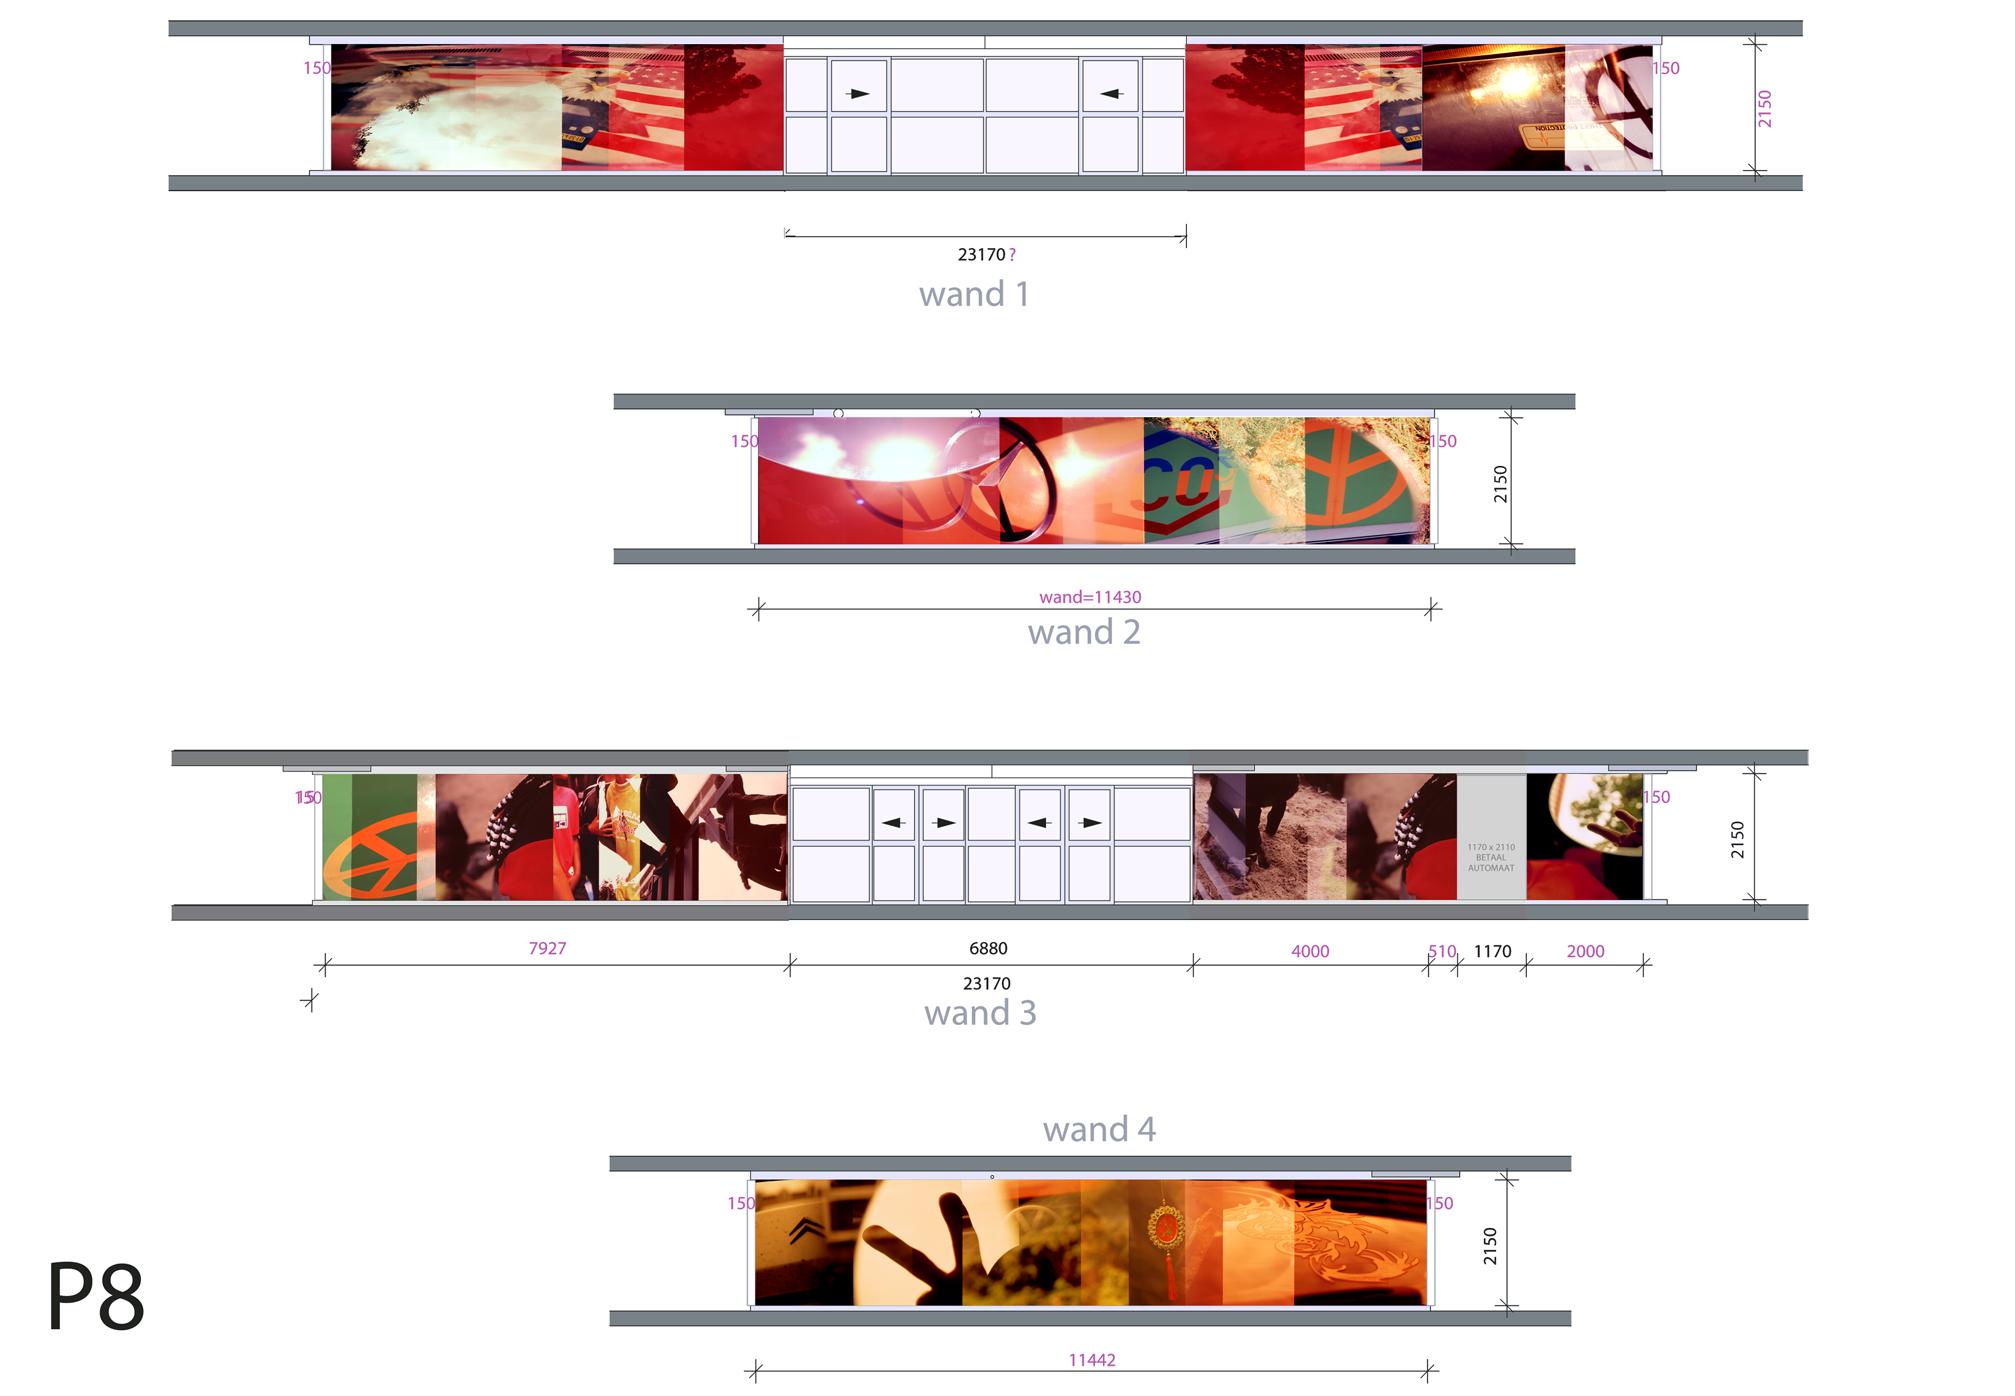 P7_vooraanzicht_lichtbakkenverdeling